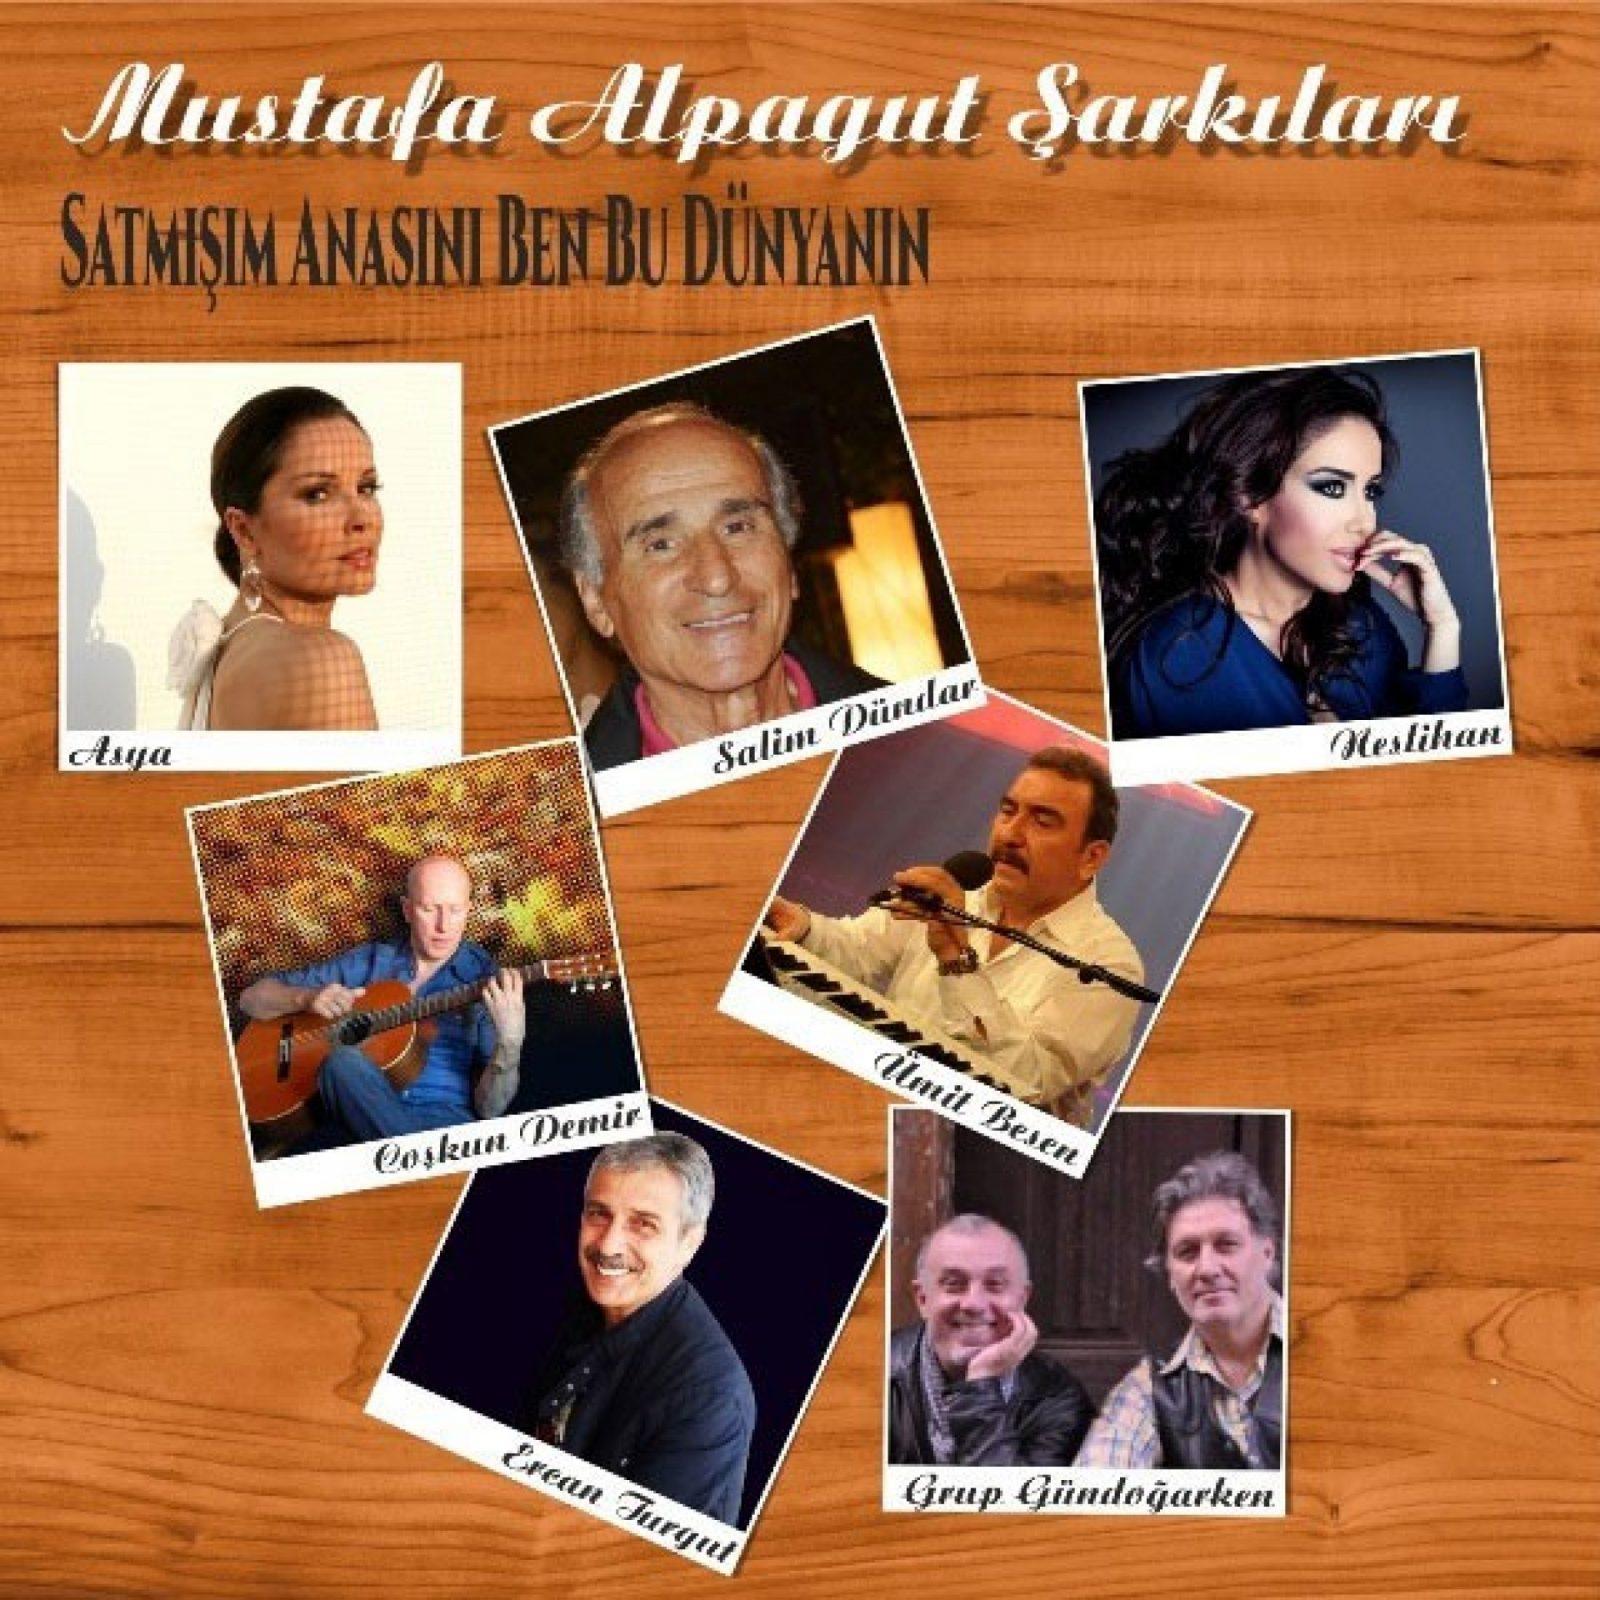 mustafa alpagut şarkıları albüm kapağı